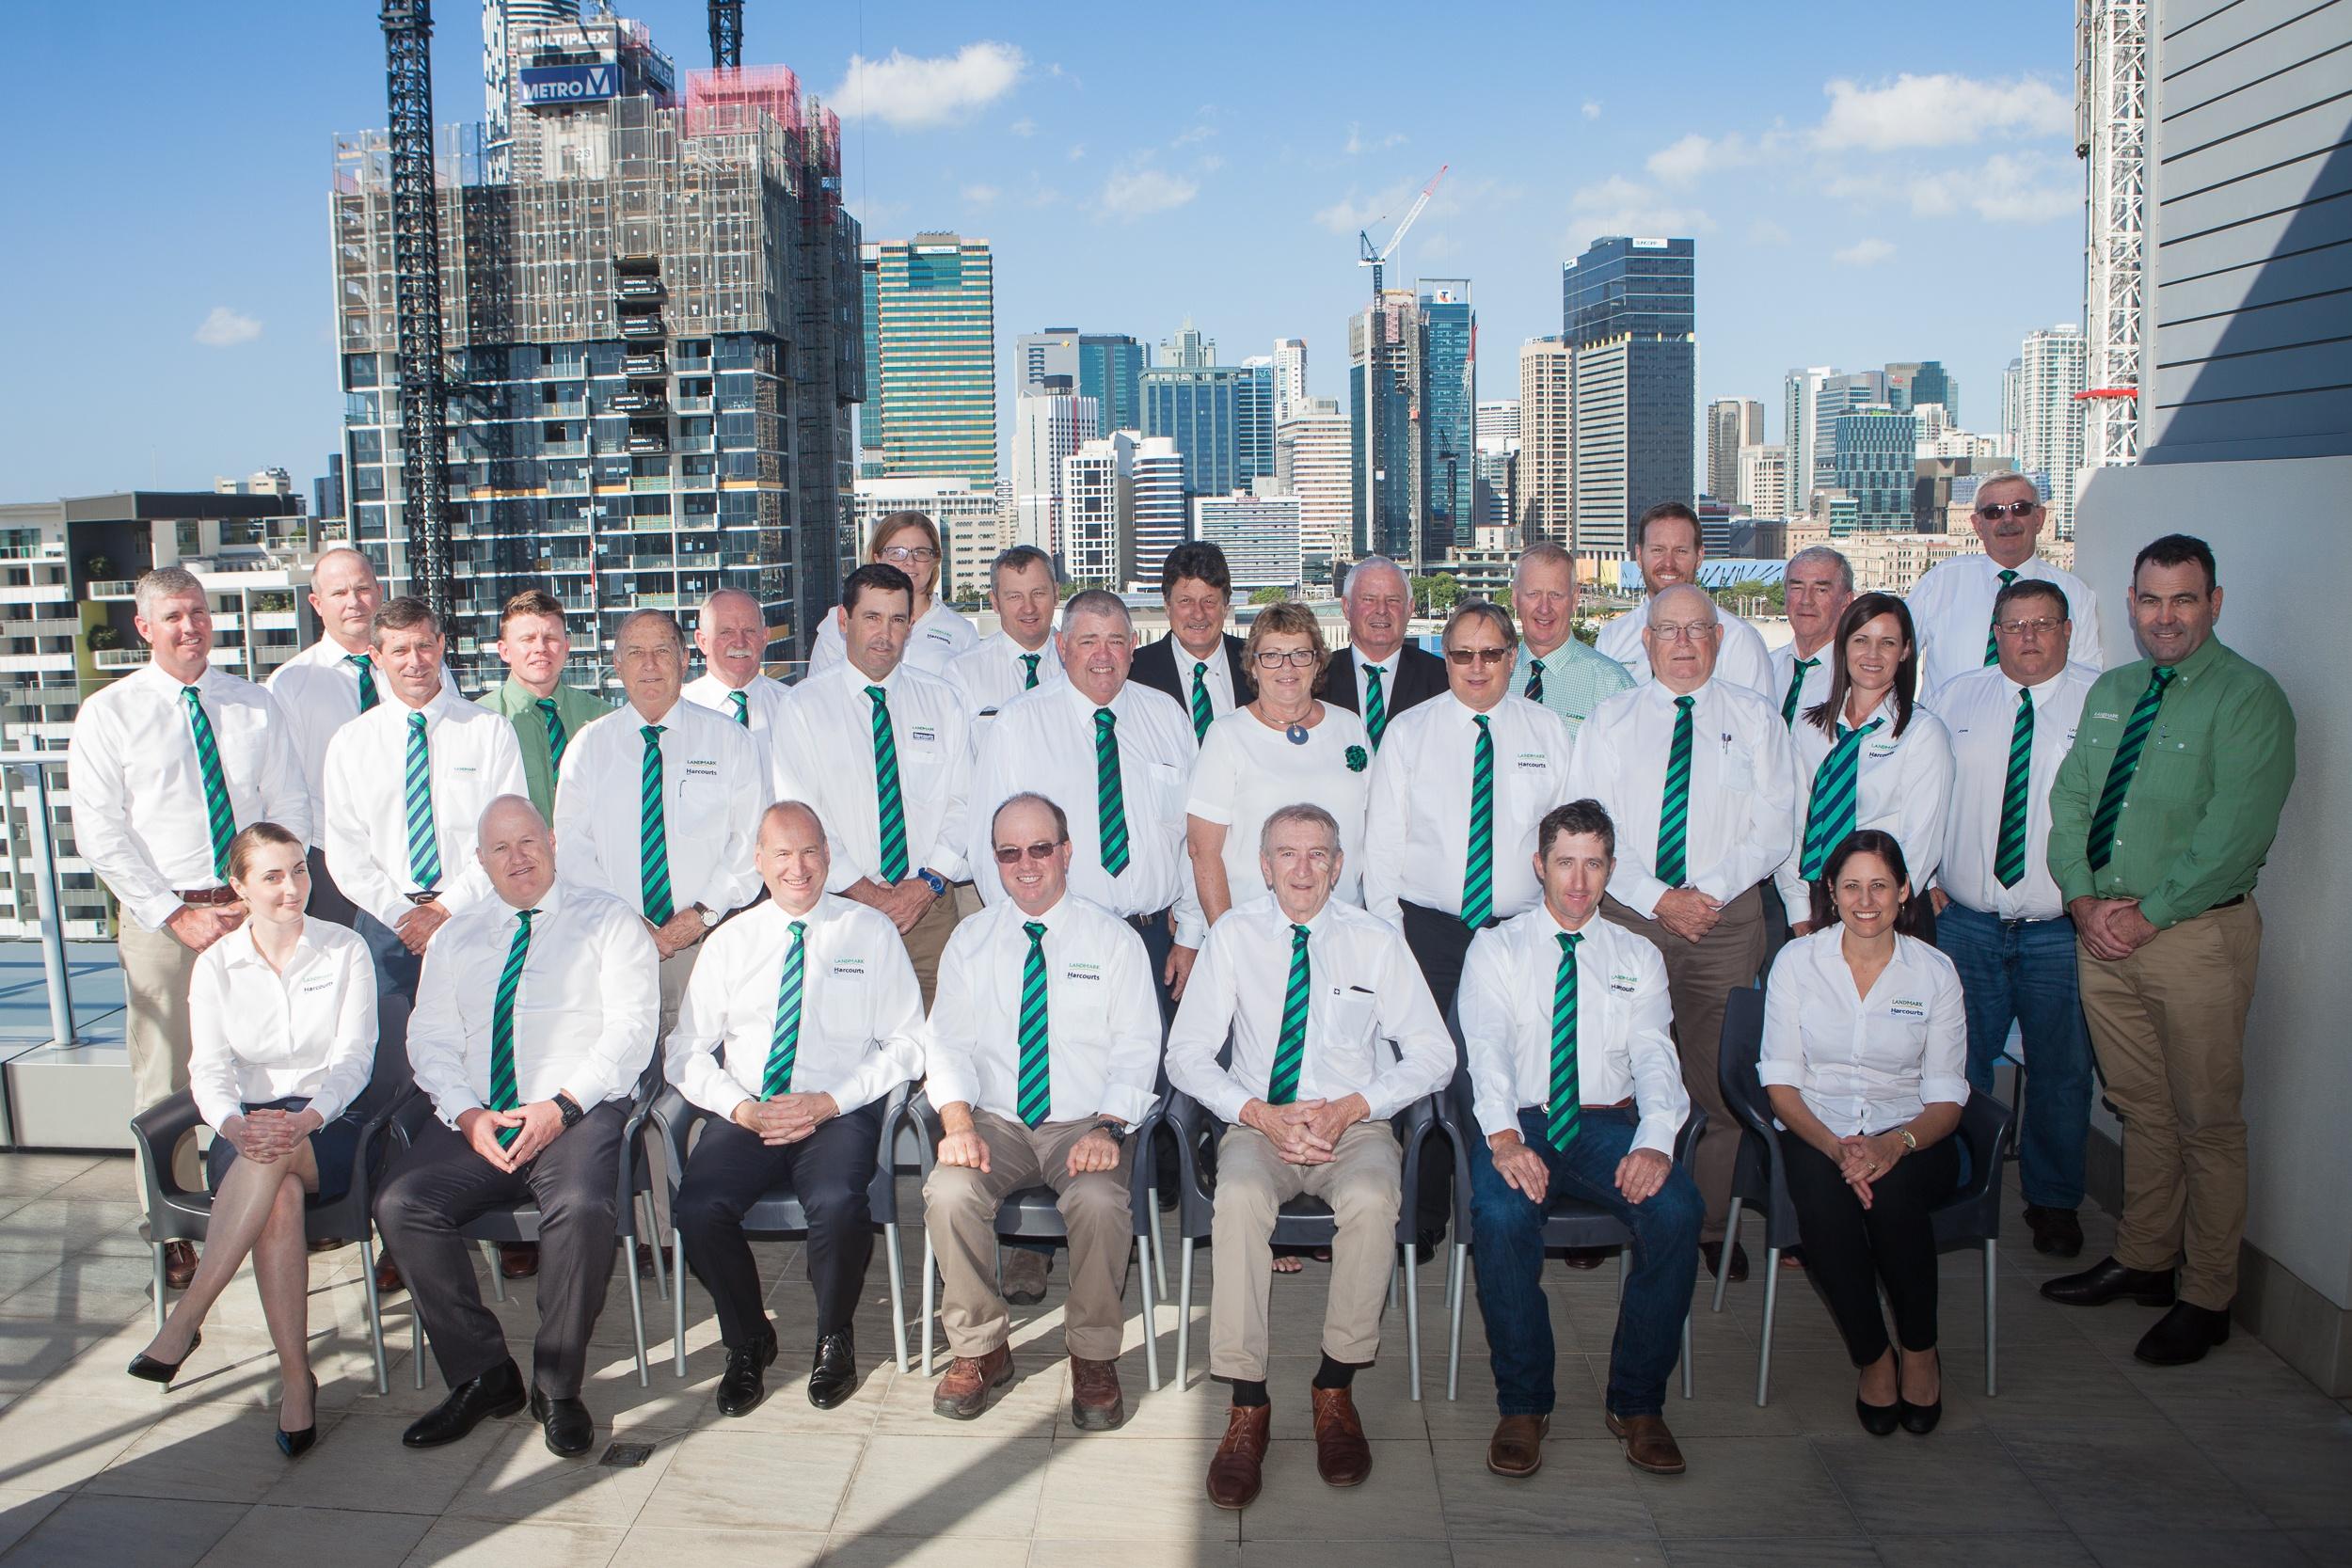 The Landmark Harcourts Queensland team